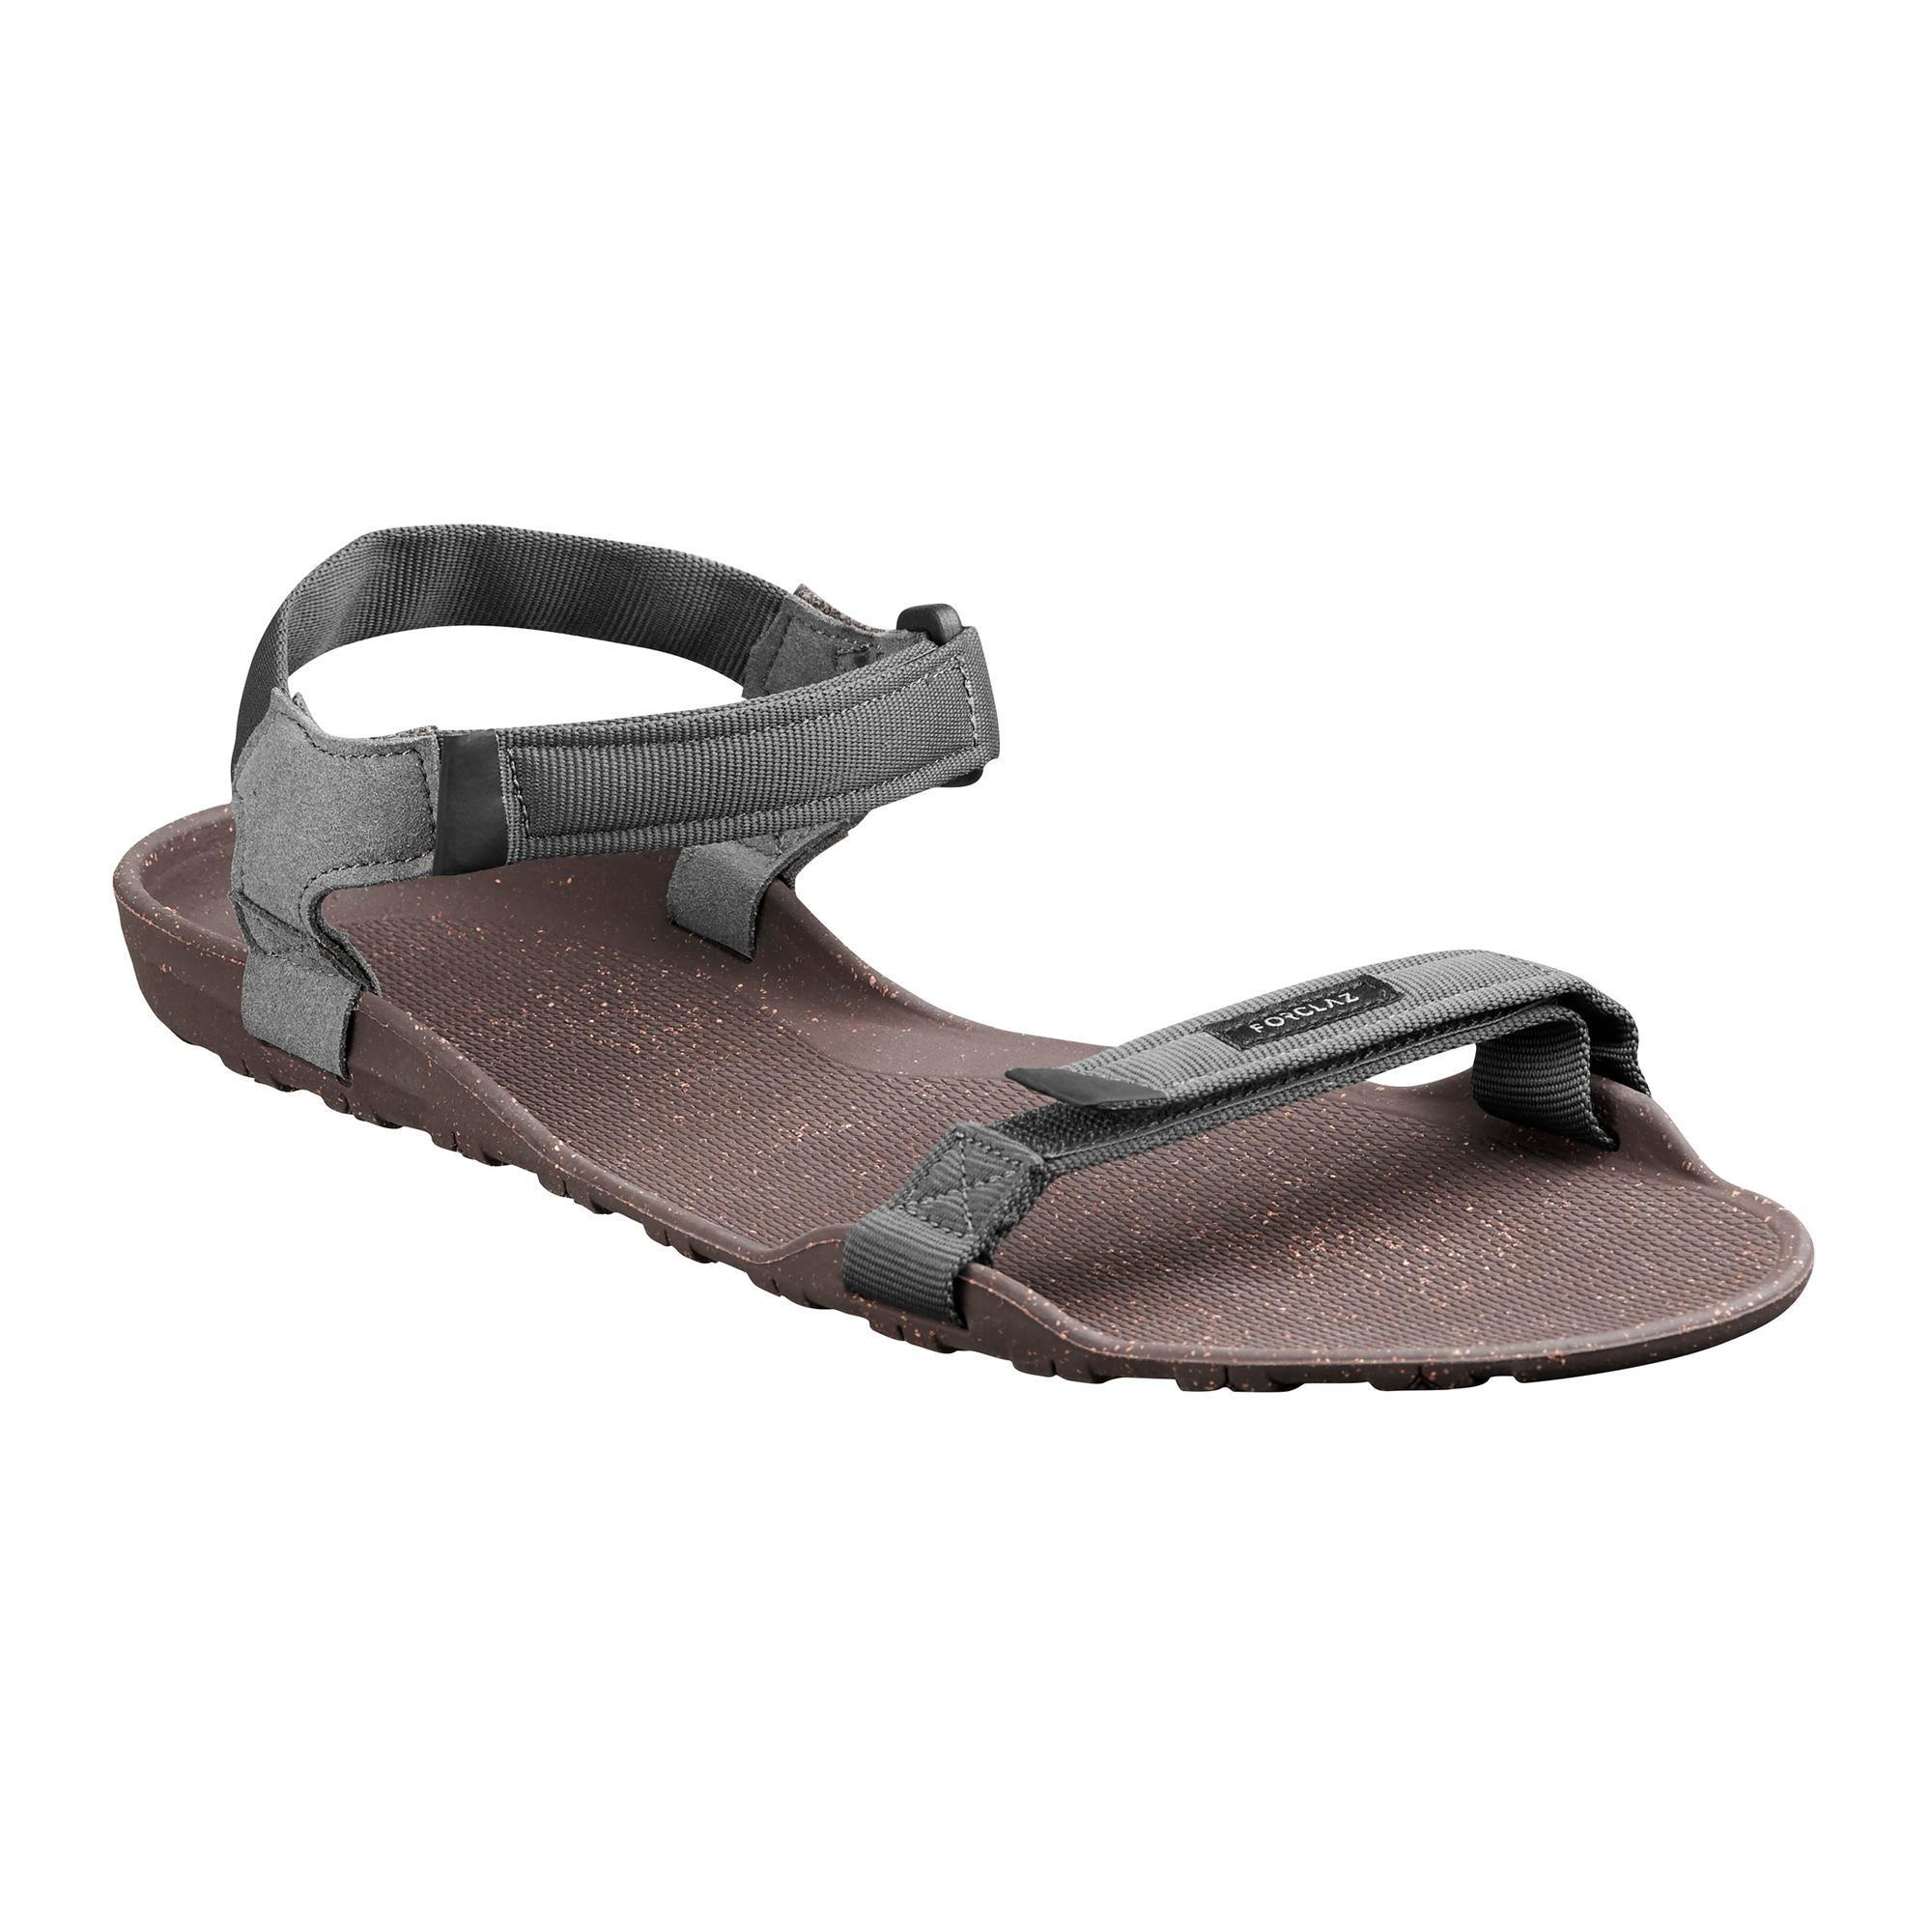 Sandales de bivouac trek500 forclaz